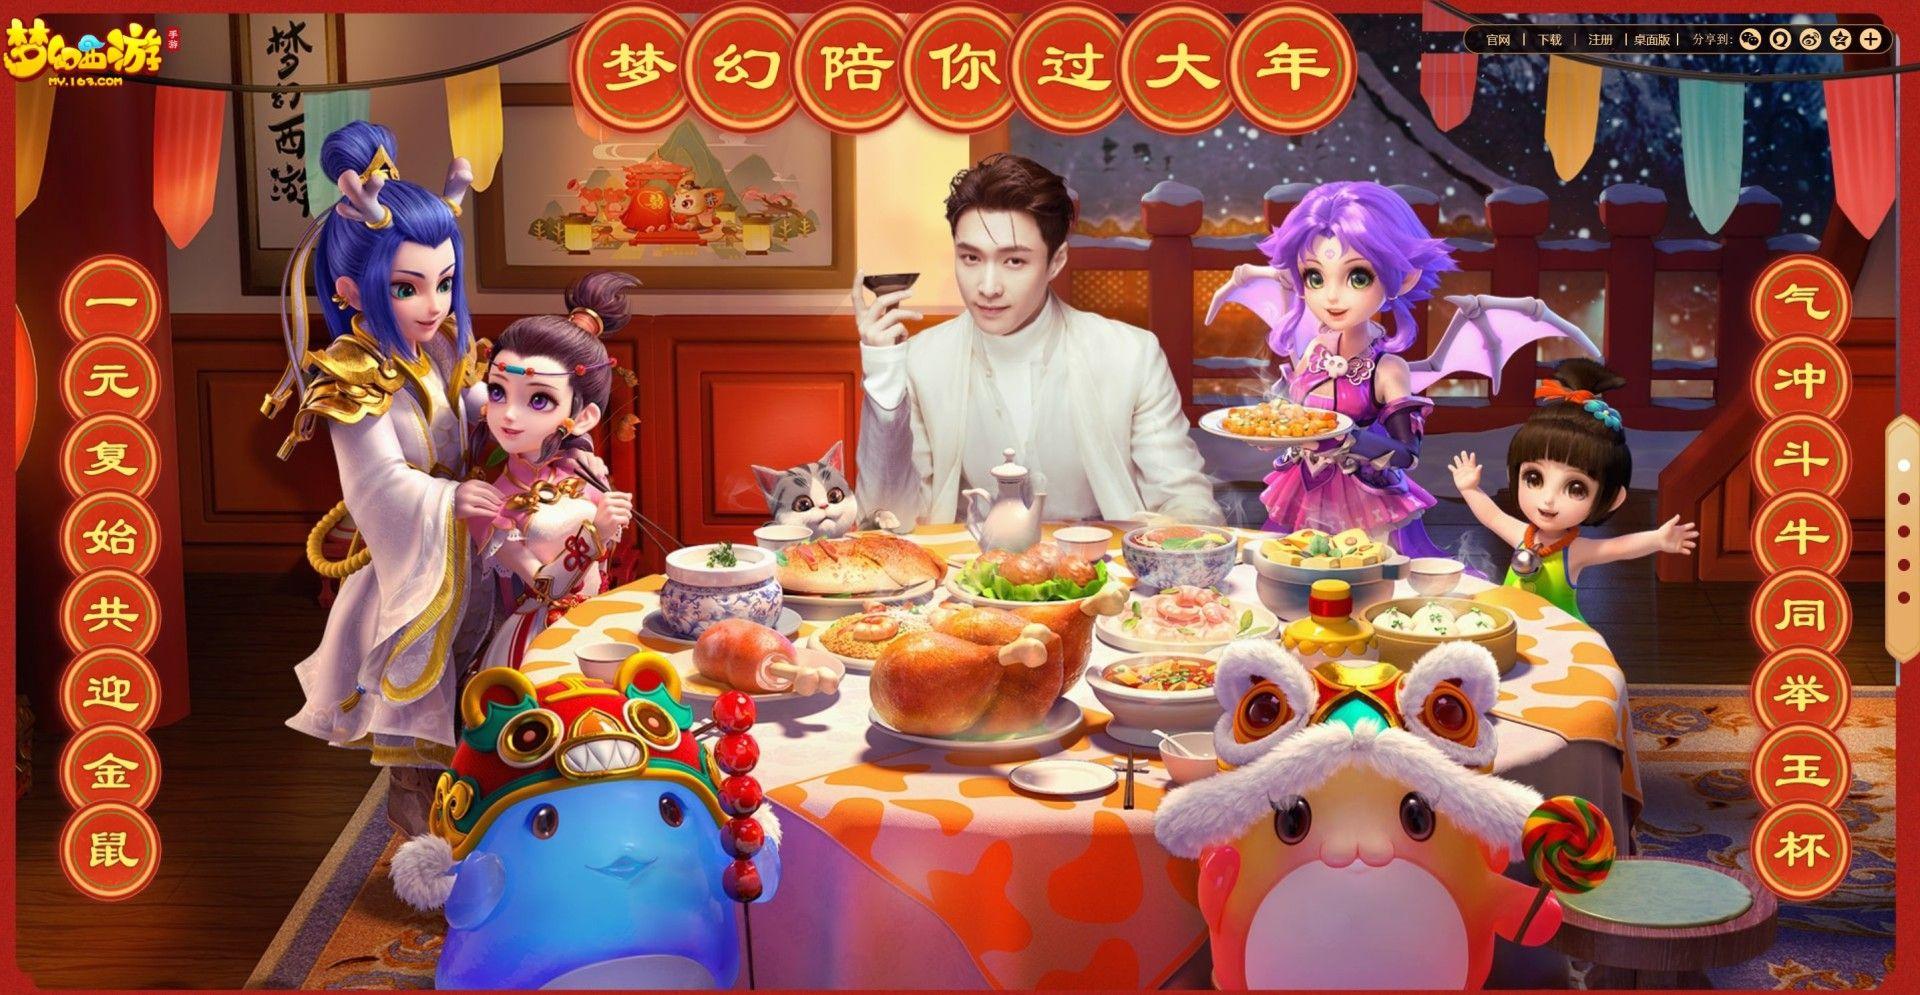 梦幻西游手游新春美食活动怎么玩?新春美食活动大全[视频][多图]图片1